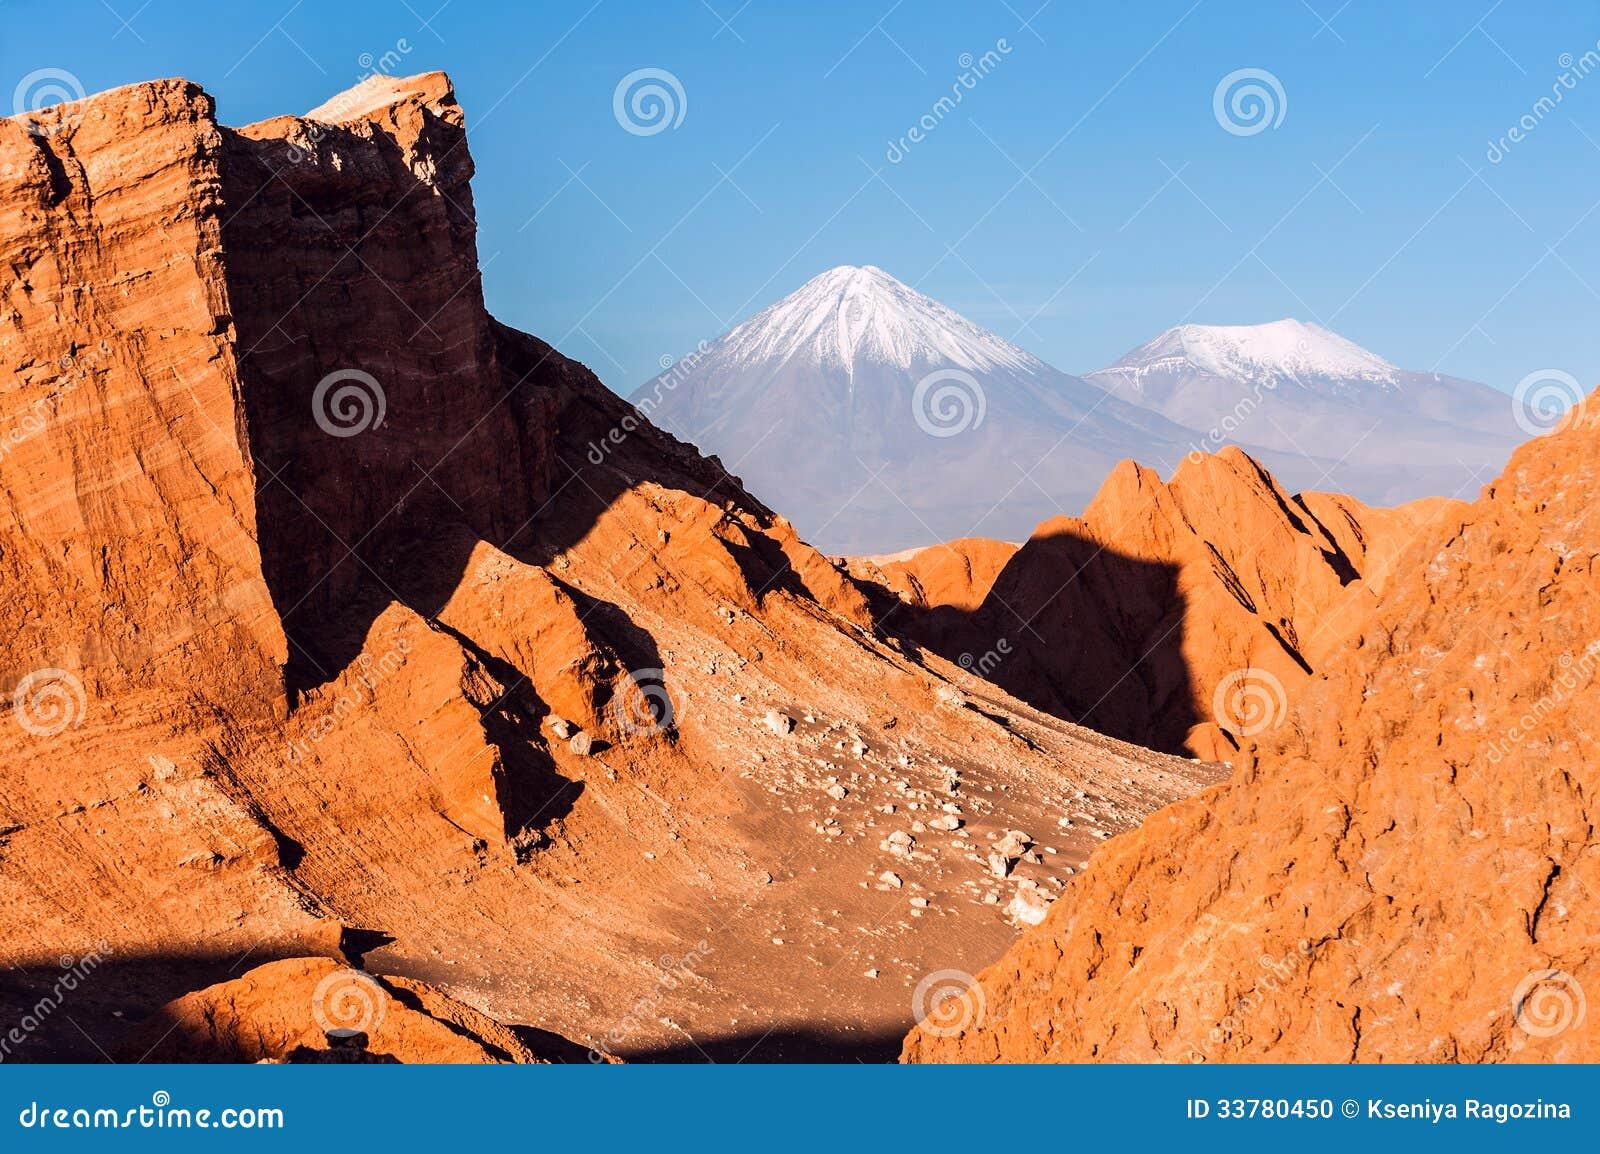 Valle DE La Luna, Vulkanen Licancabur en Juriques, Atacama